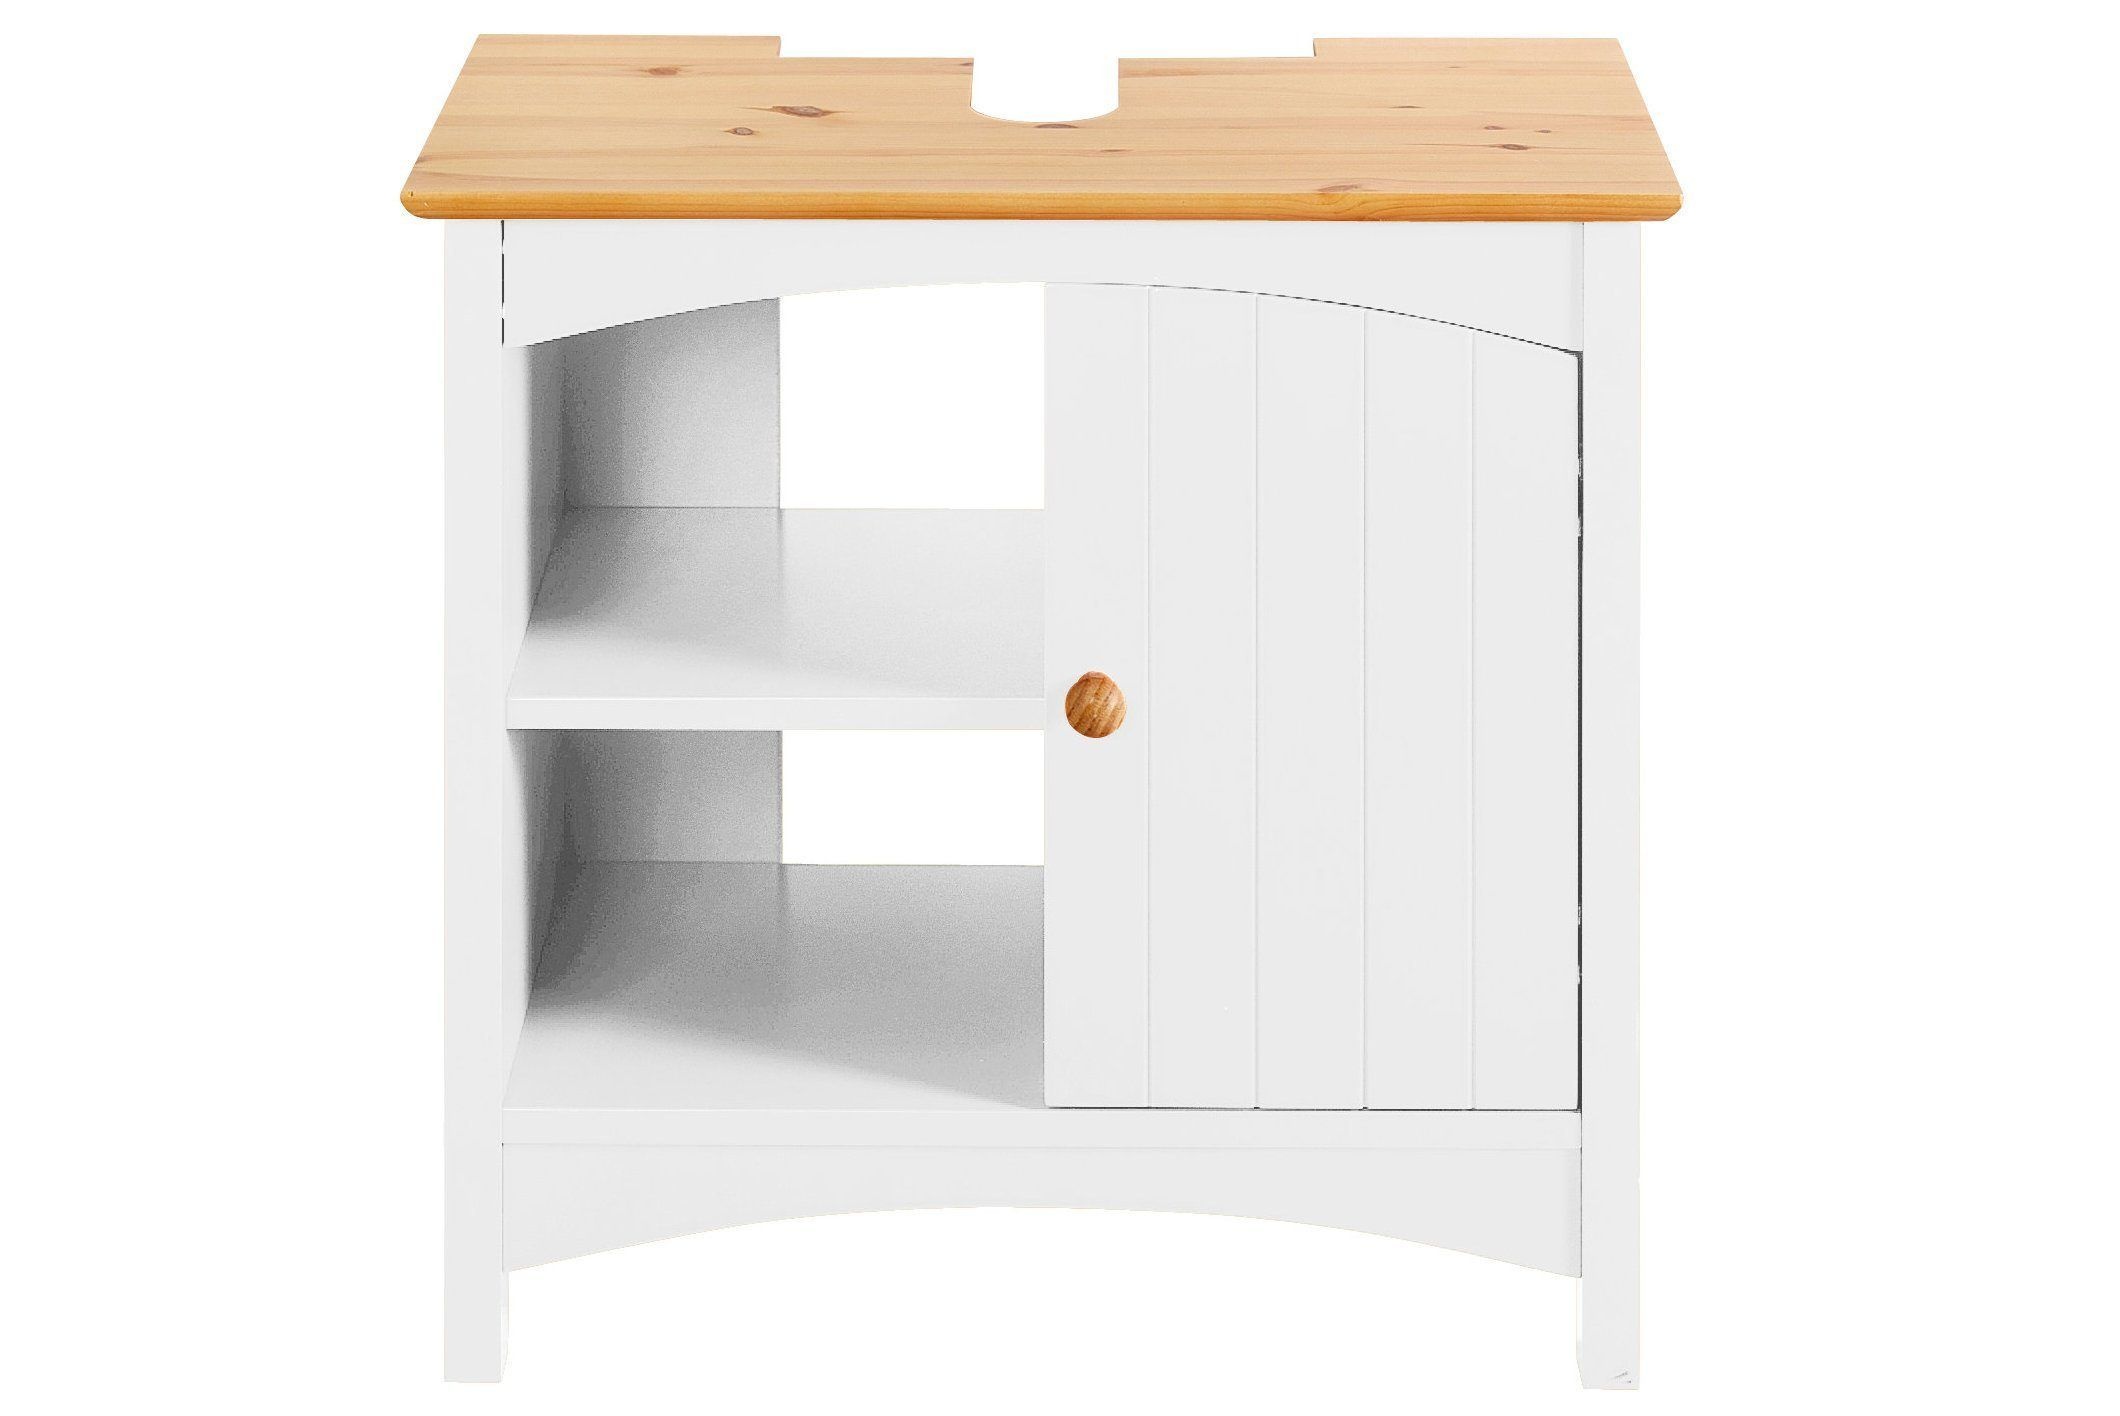 Badmöbel Waschbecken-Unterschrank weiß, 1 Tür, 2 offene Fächer ...